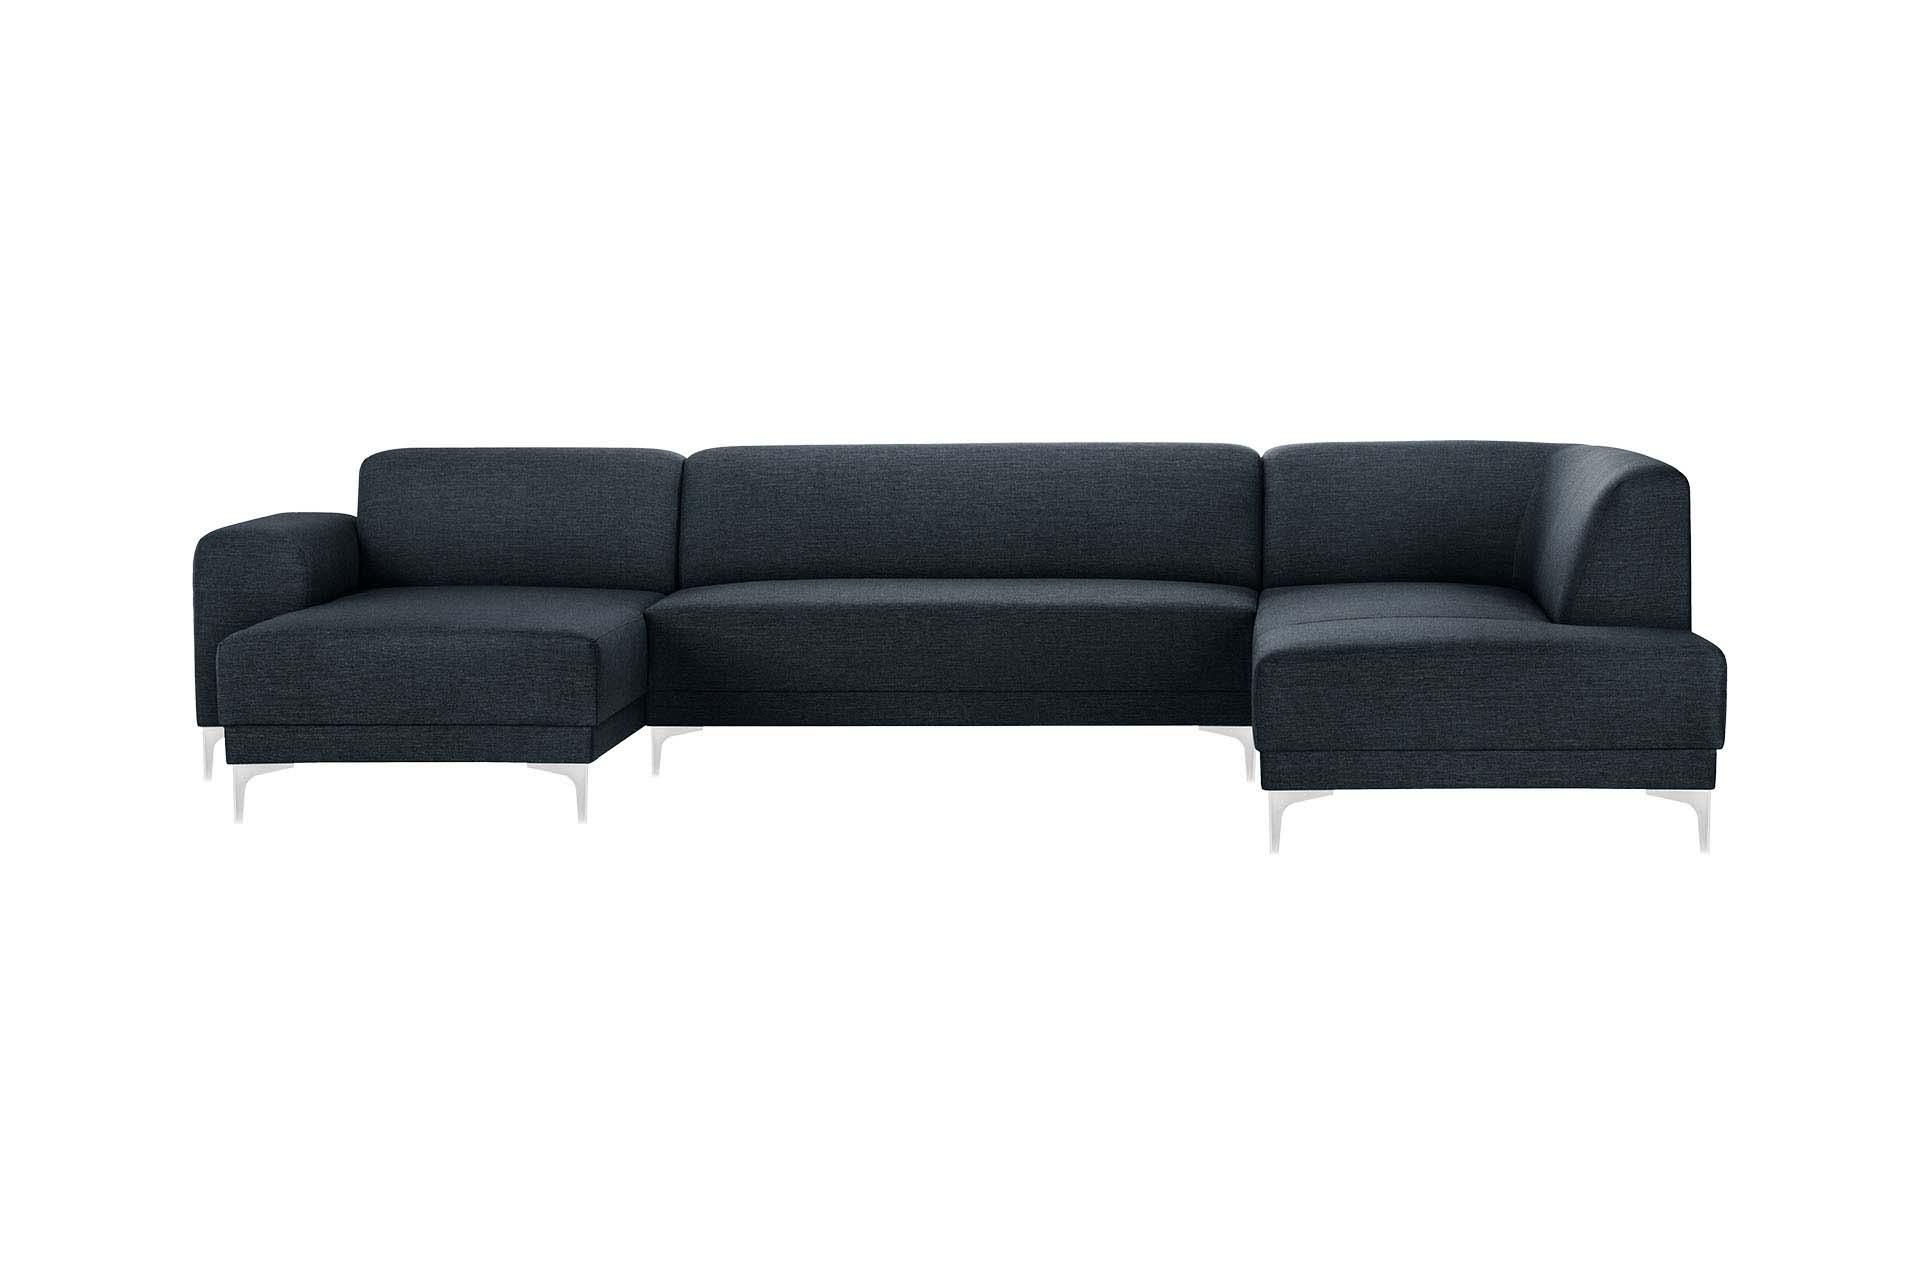 Canapé d'angle gauche 6 places toucher lin bleu marine